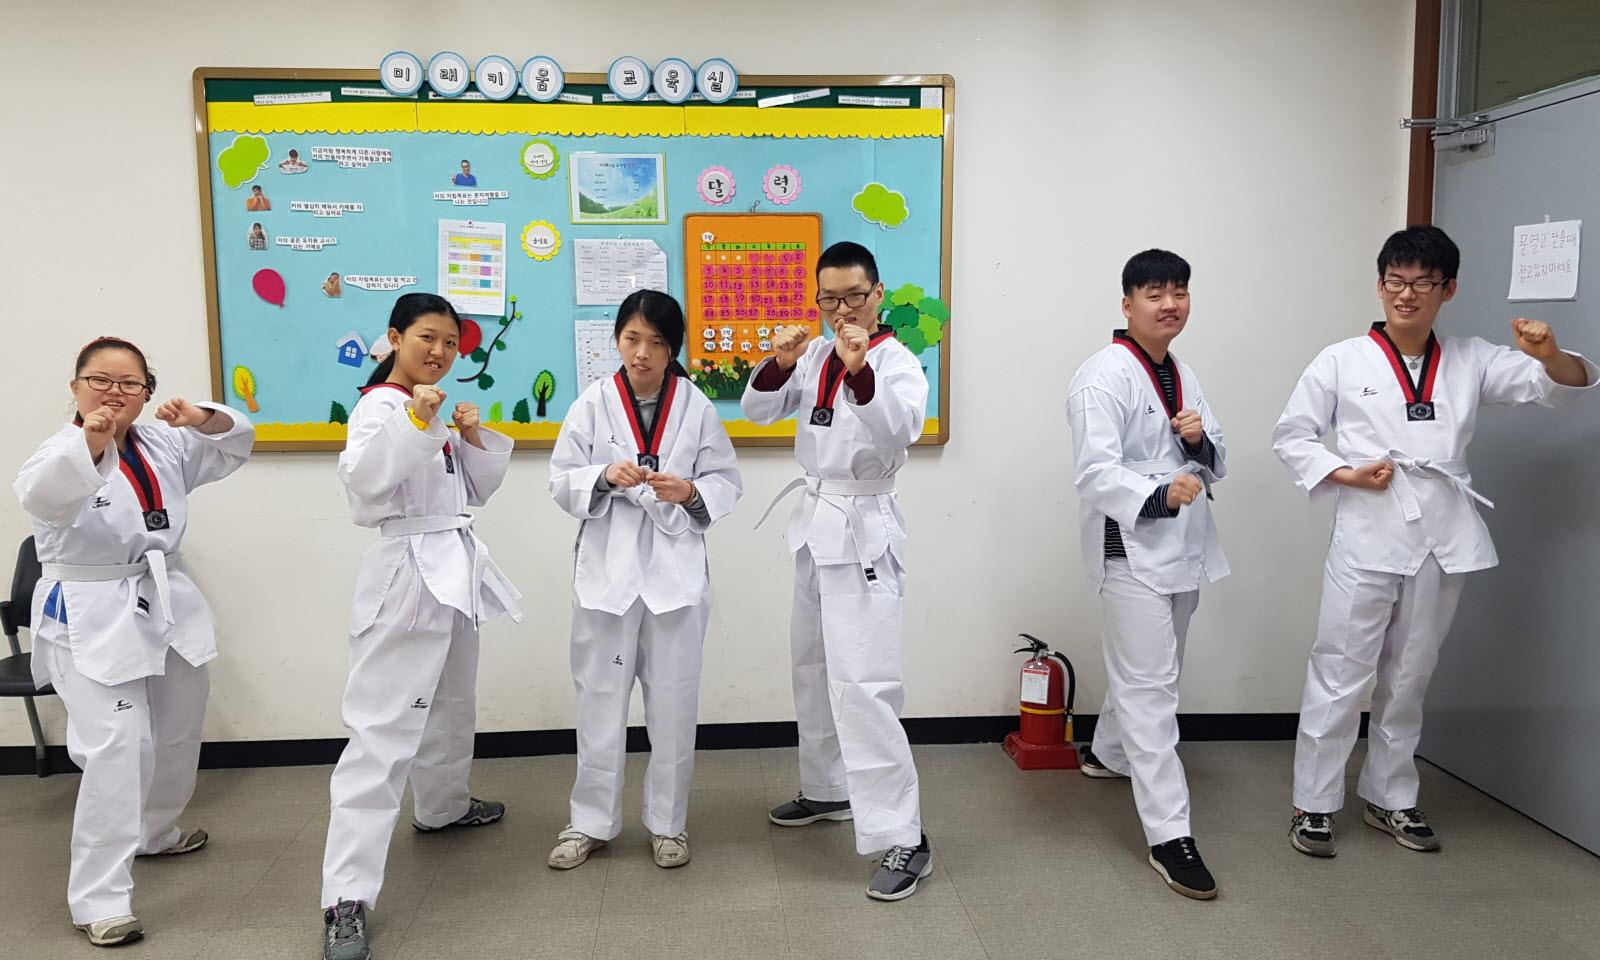 미래키움교육실 교육생들이 도복을 입고 단체사진을 찍고 있다.